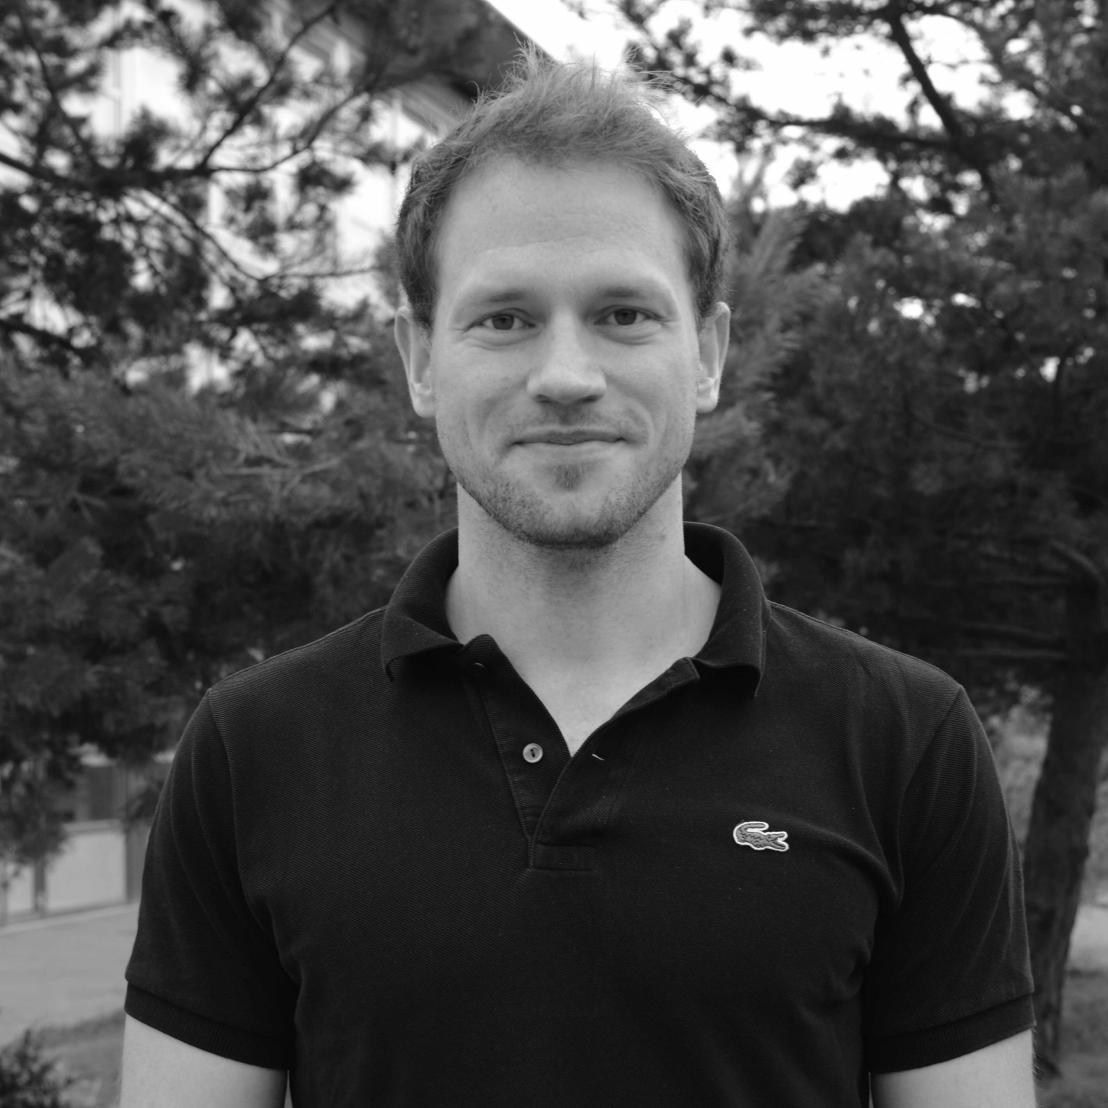 Image of Felix Kurth